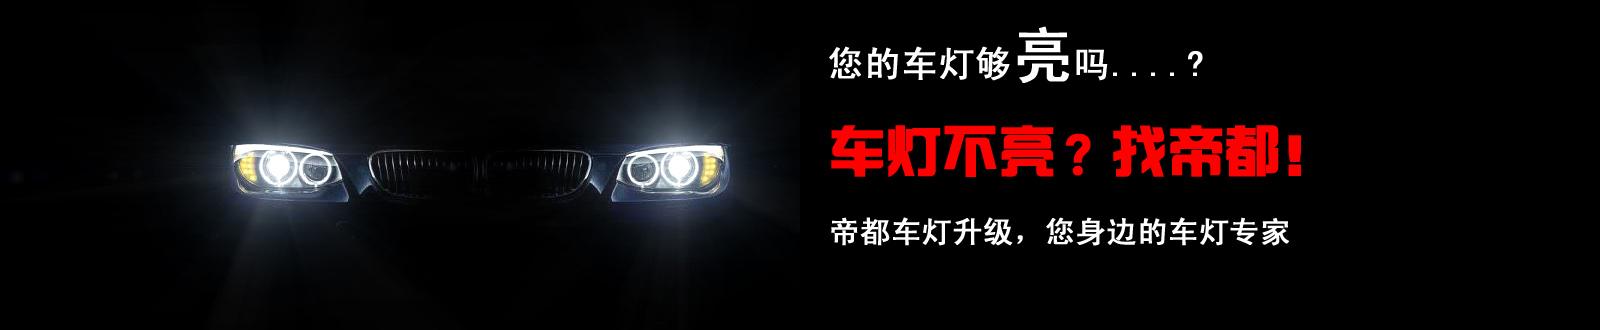 湘潭改灯图片